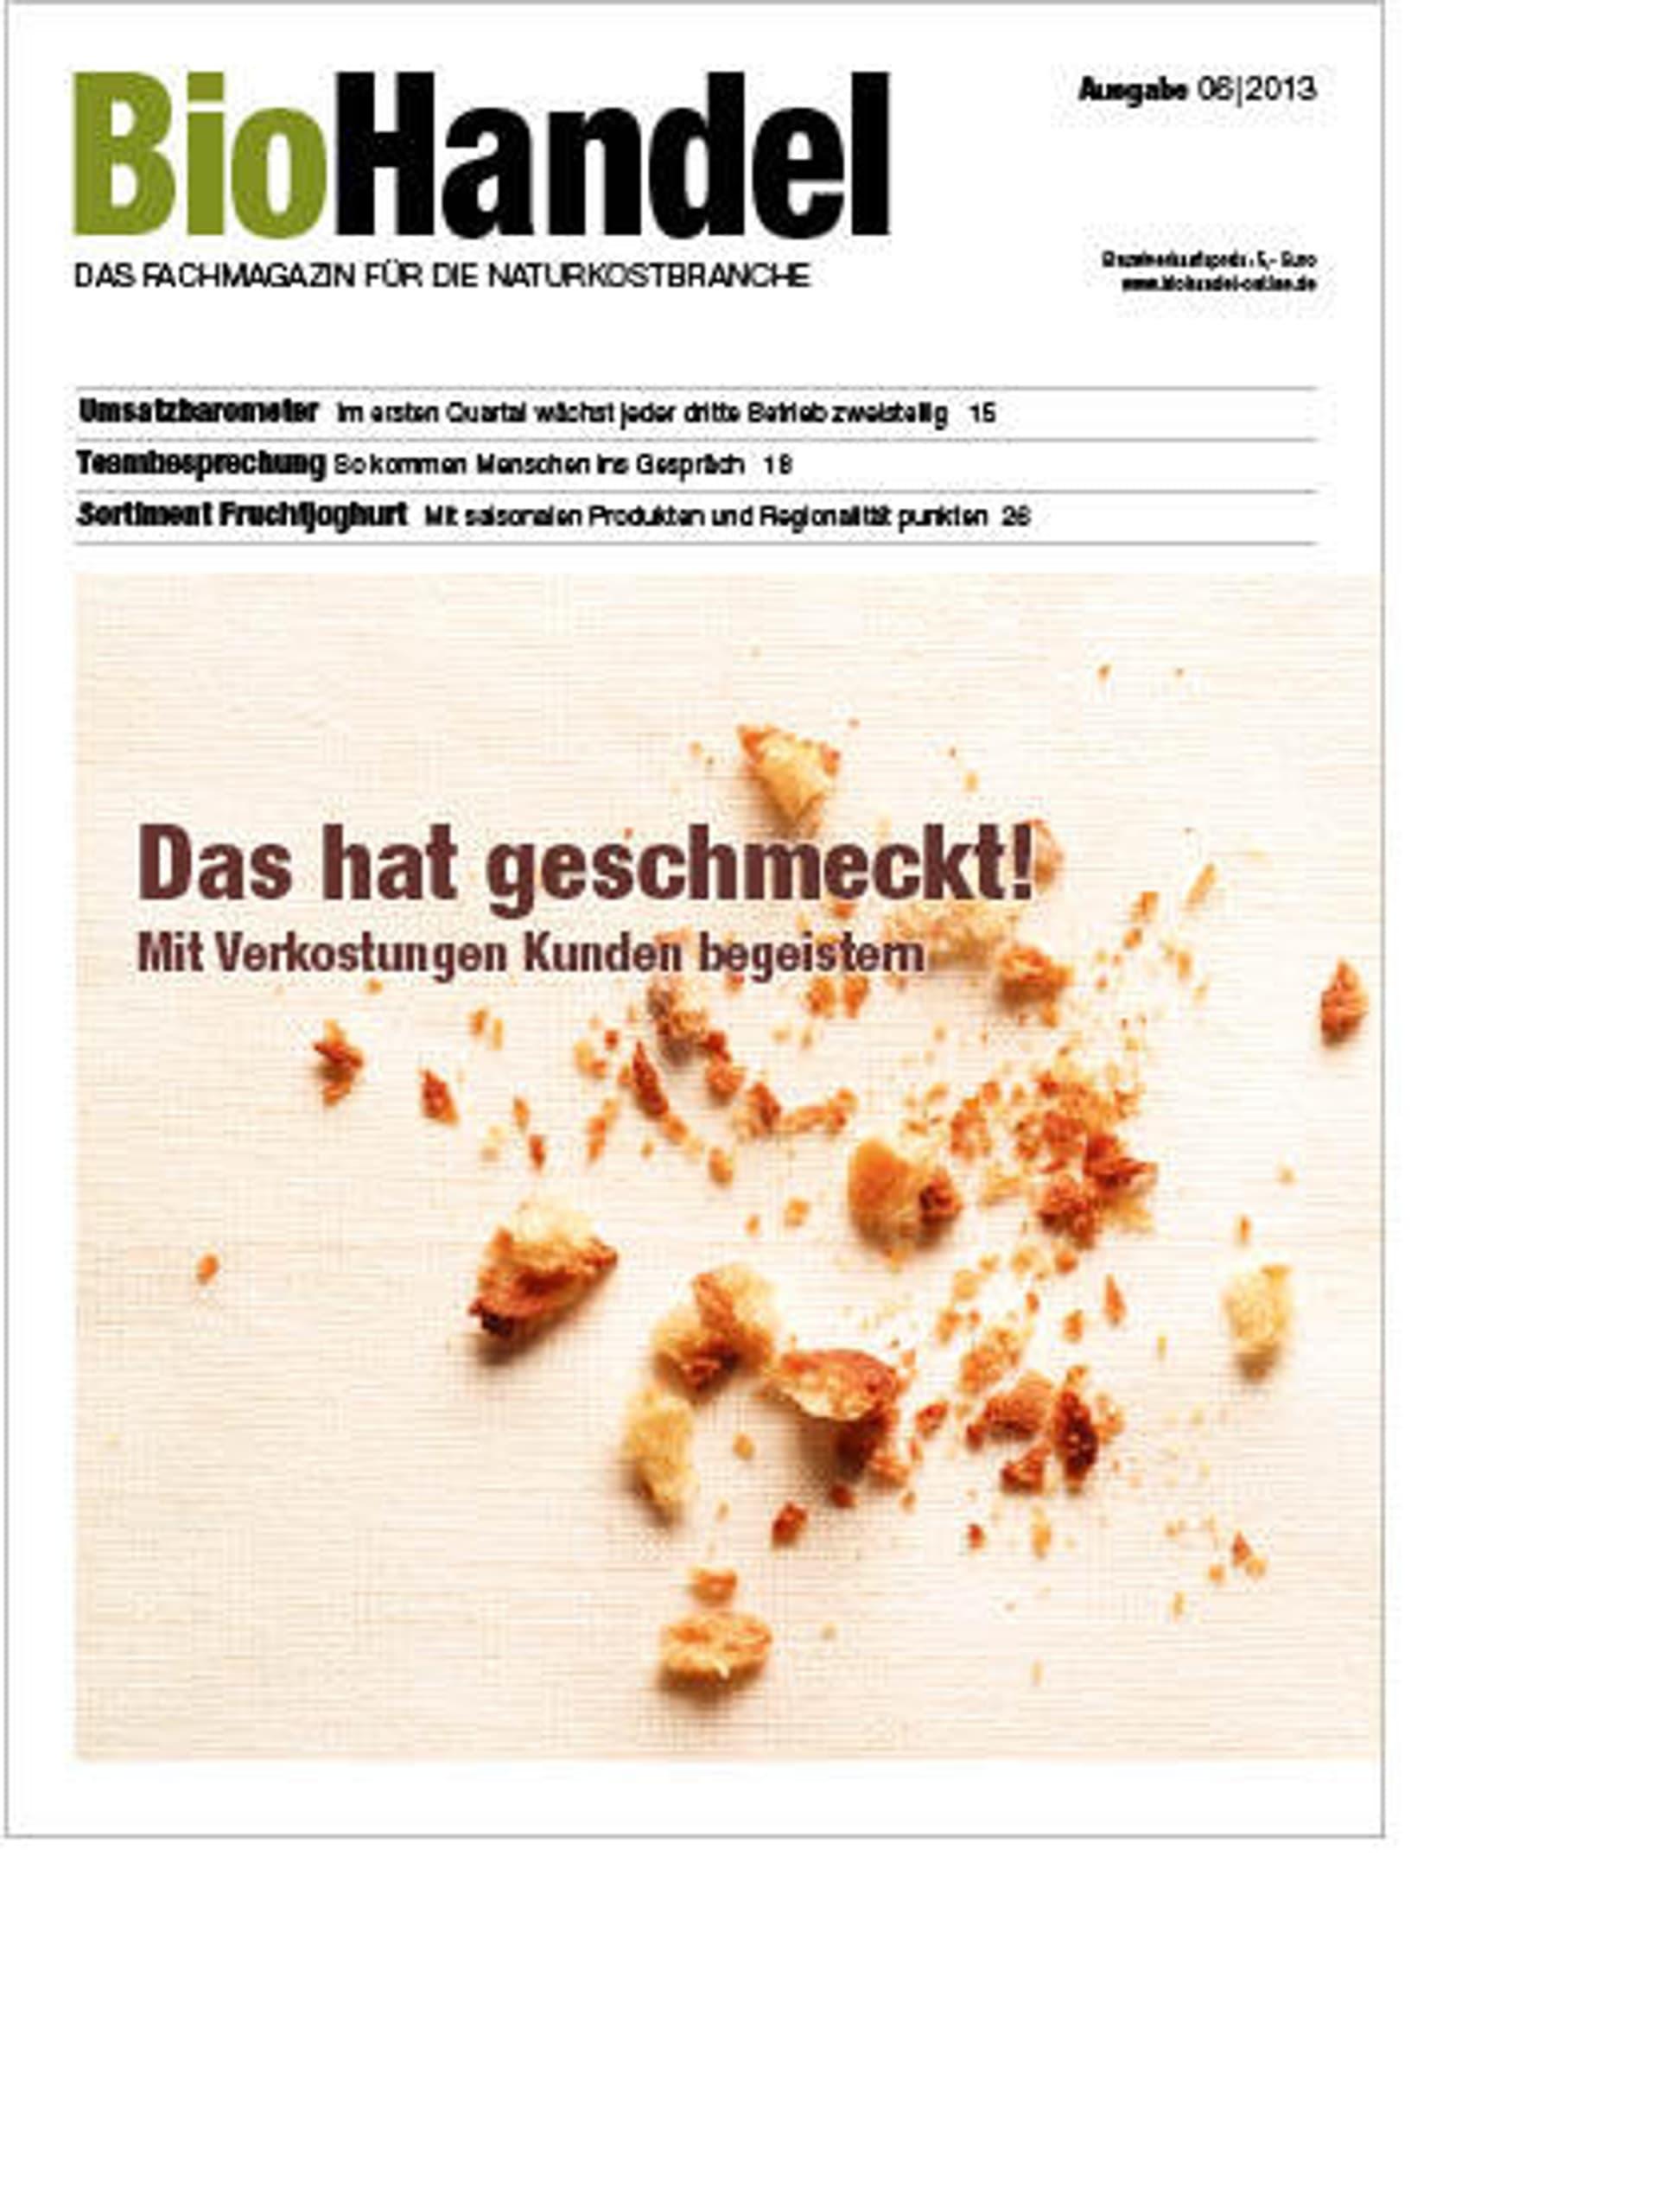 BioHandel Juni 2013